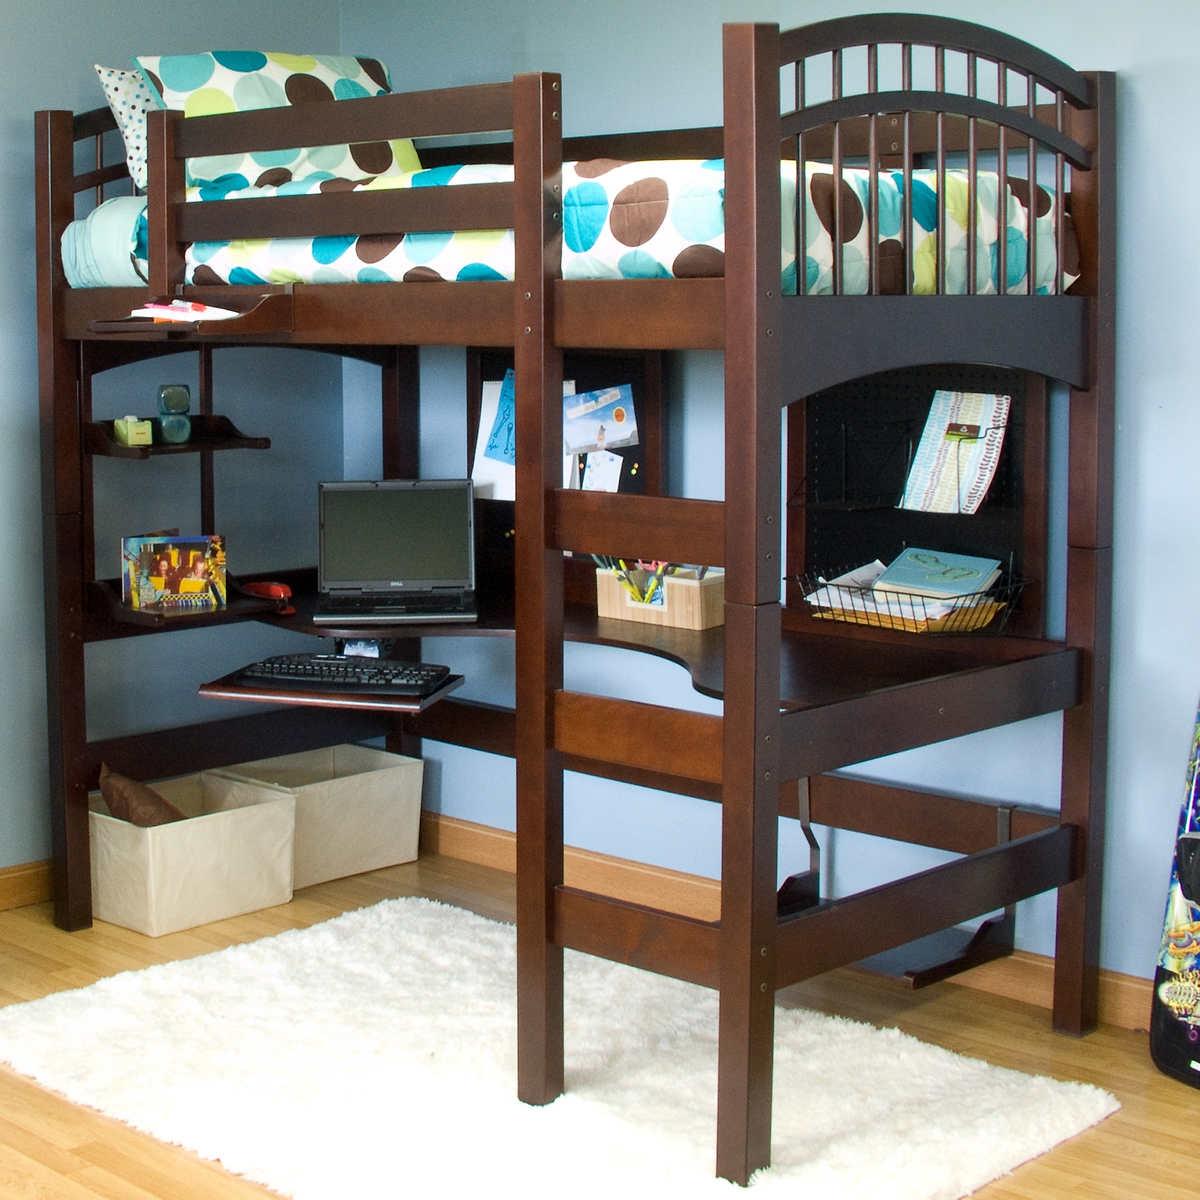 mckenzie bunk beds | costco